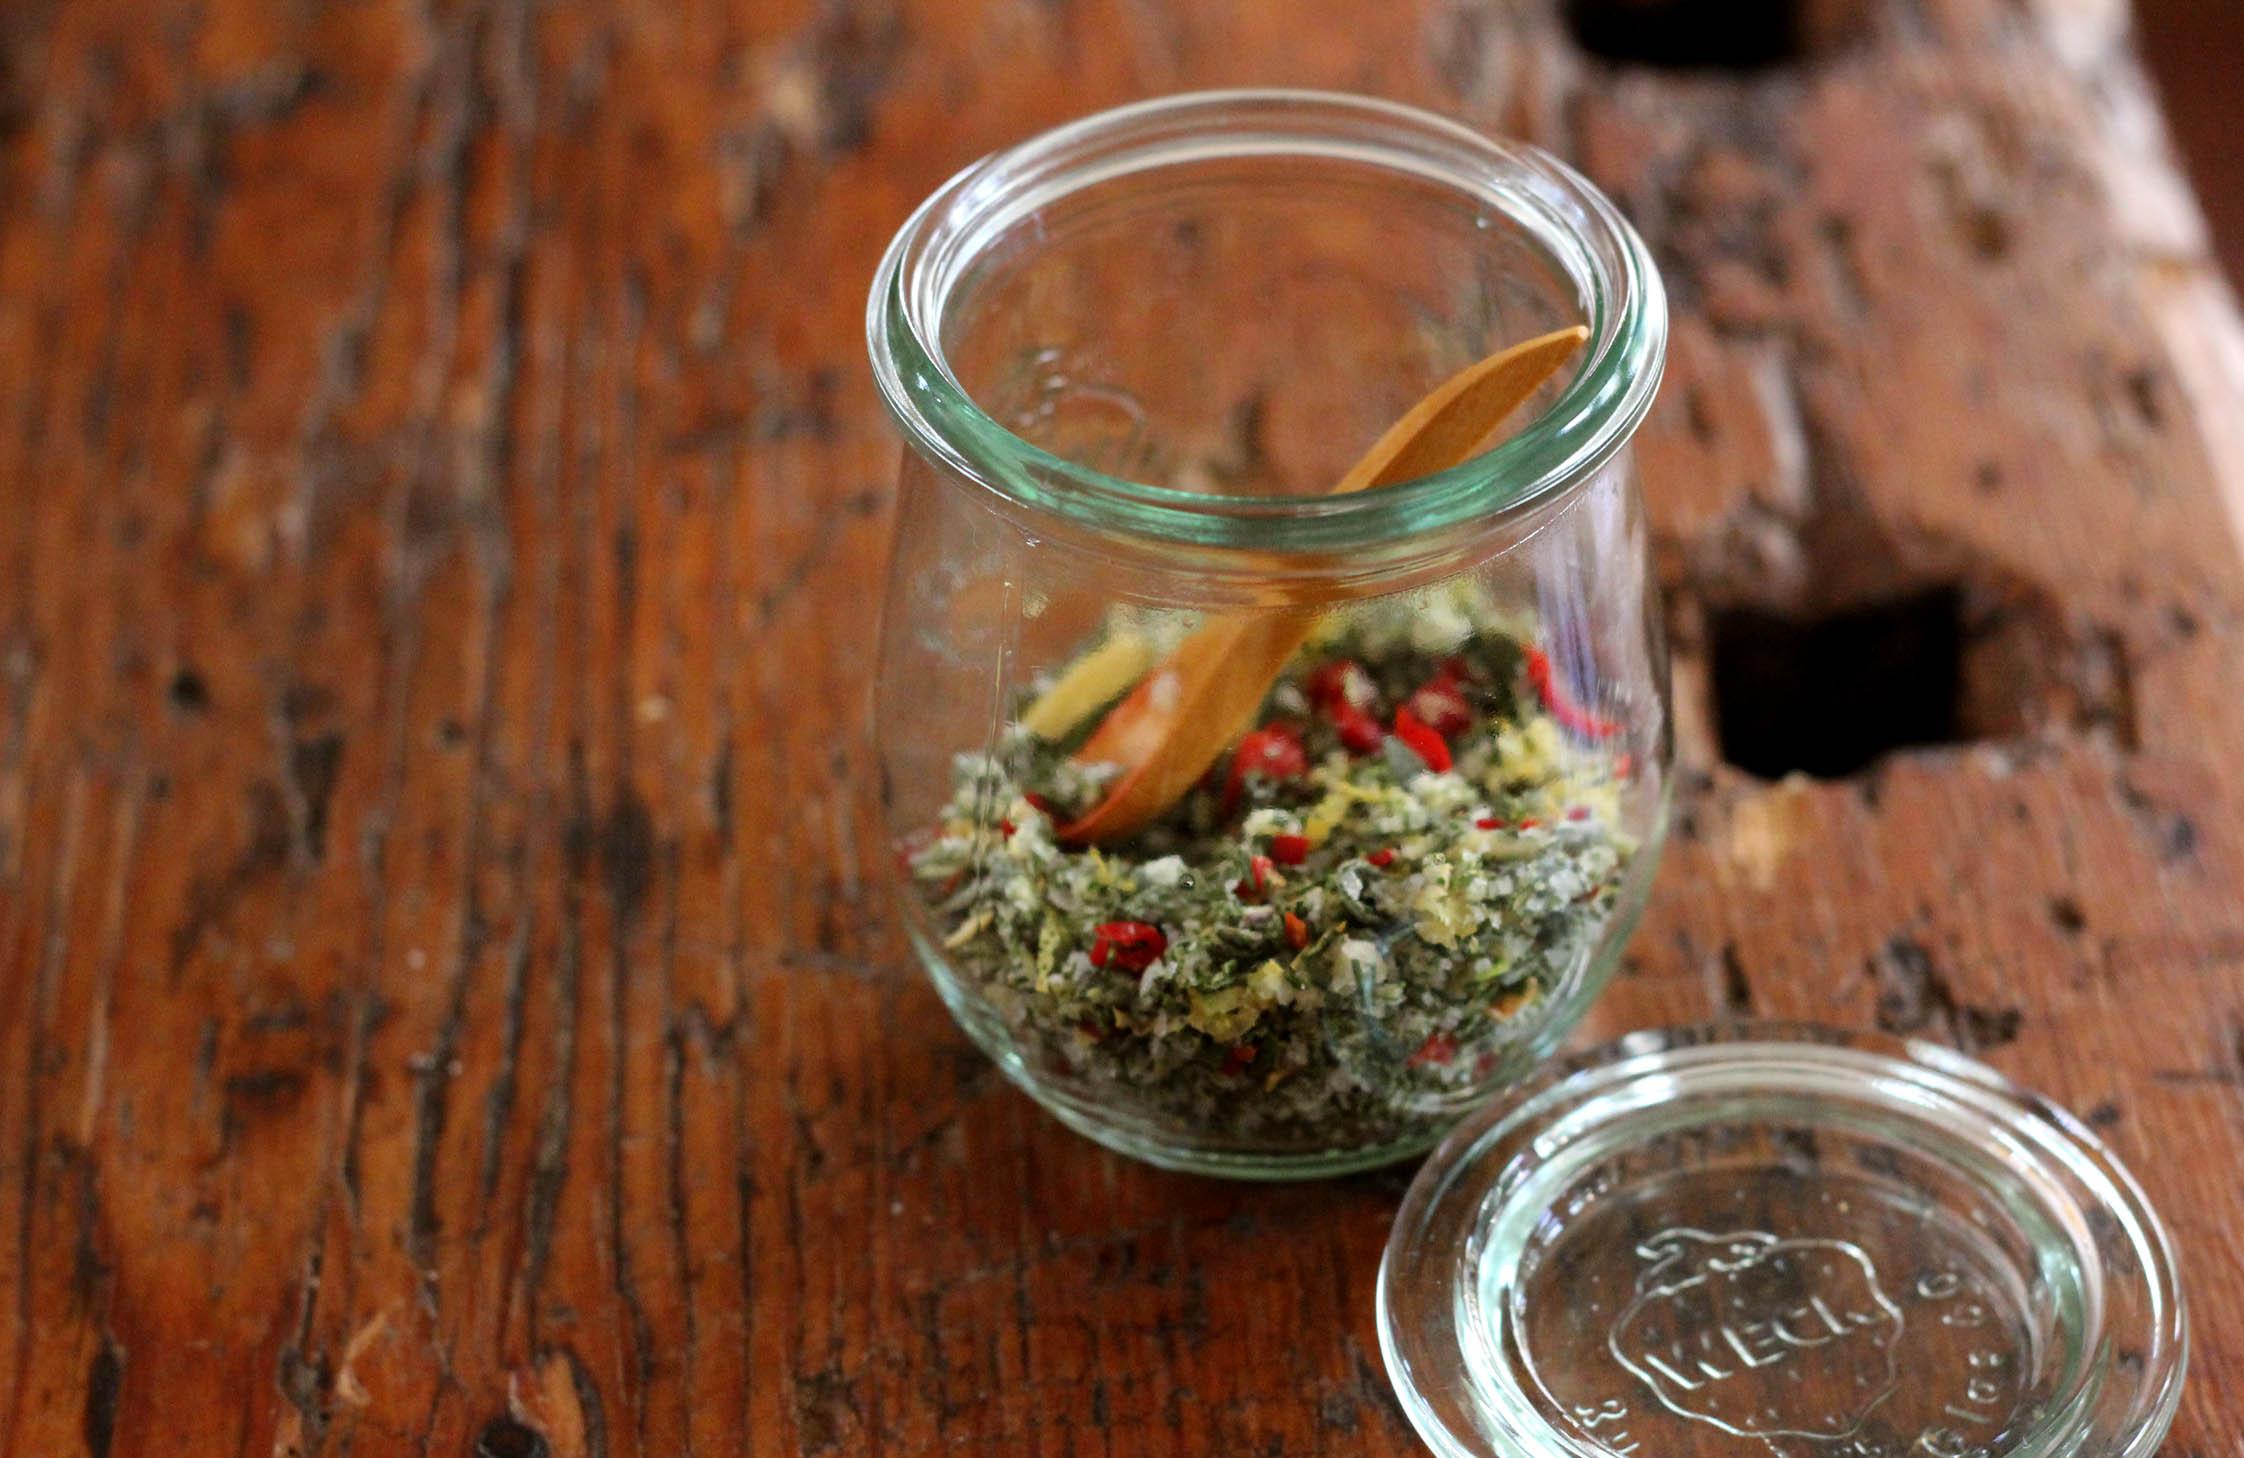 Les authentiques bocaux de conserve en verre – Weck